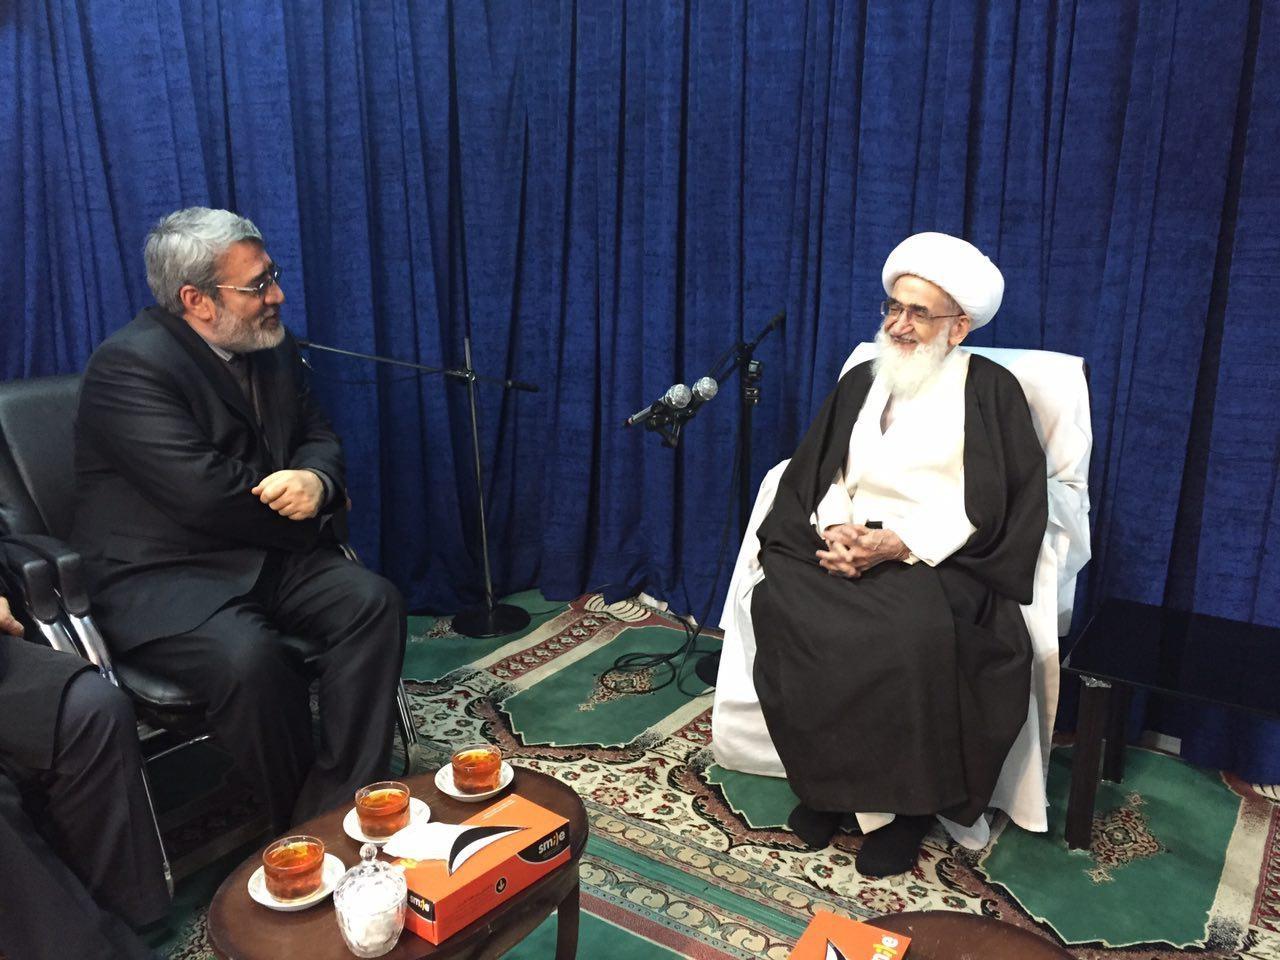 چرا وزیر کشور به قم رفت؟/ توصیه انتخاباتی آیت الله موسوی اردبیلی به رحمانی فضلی